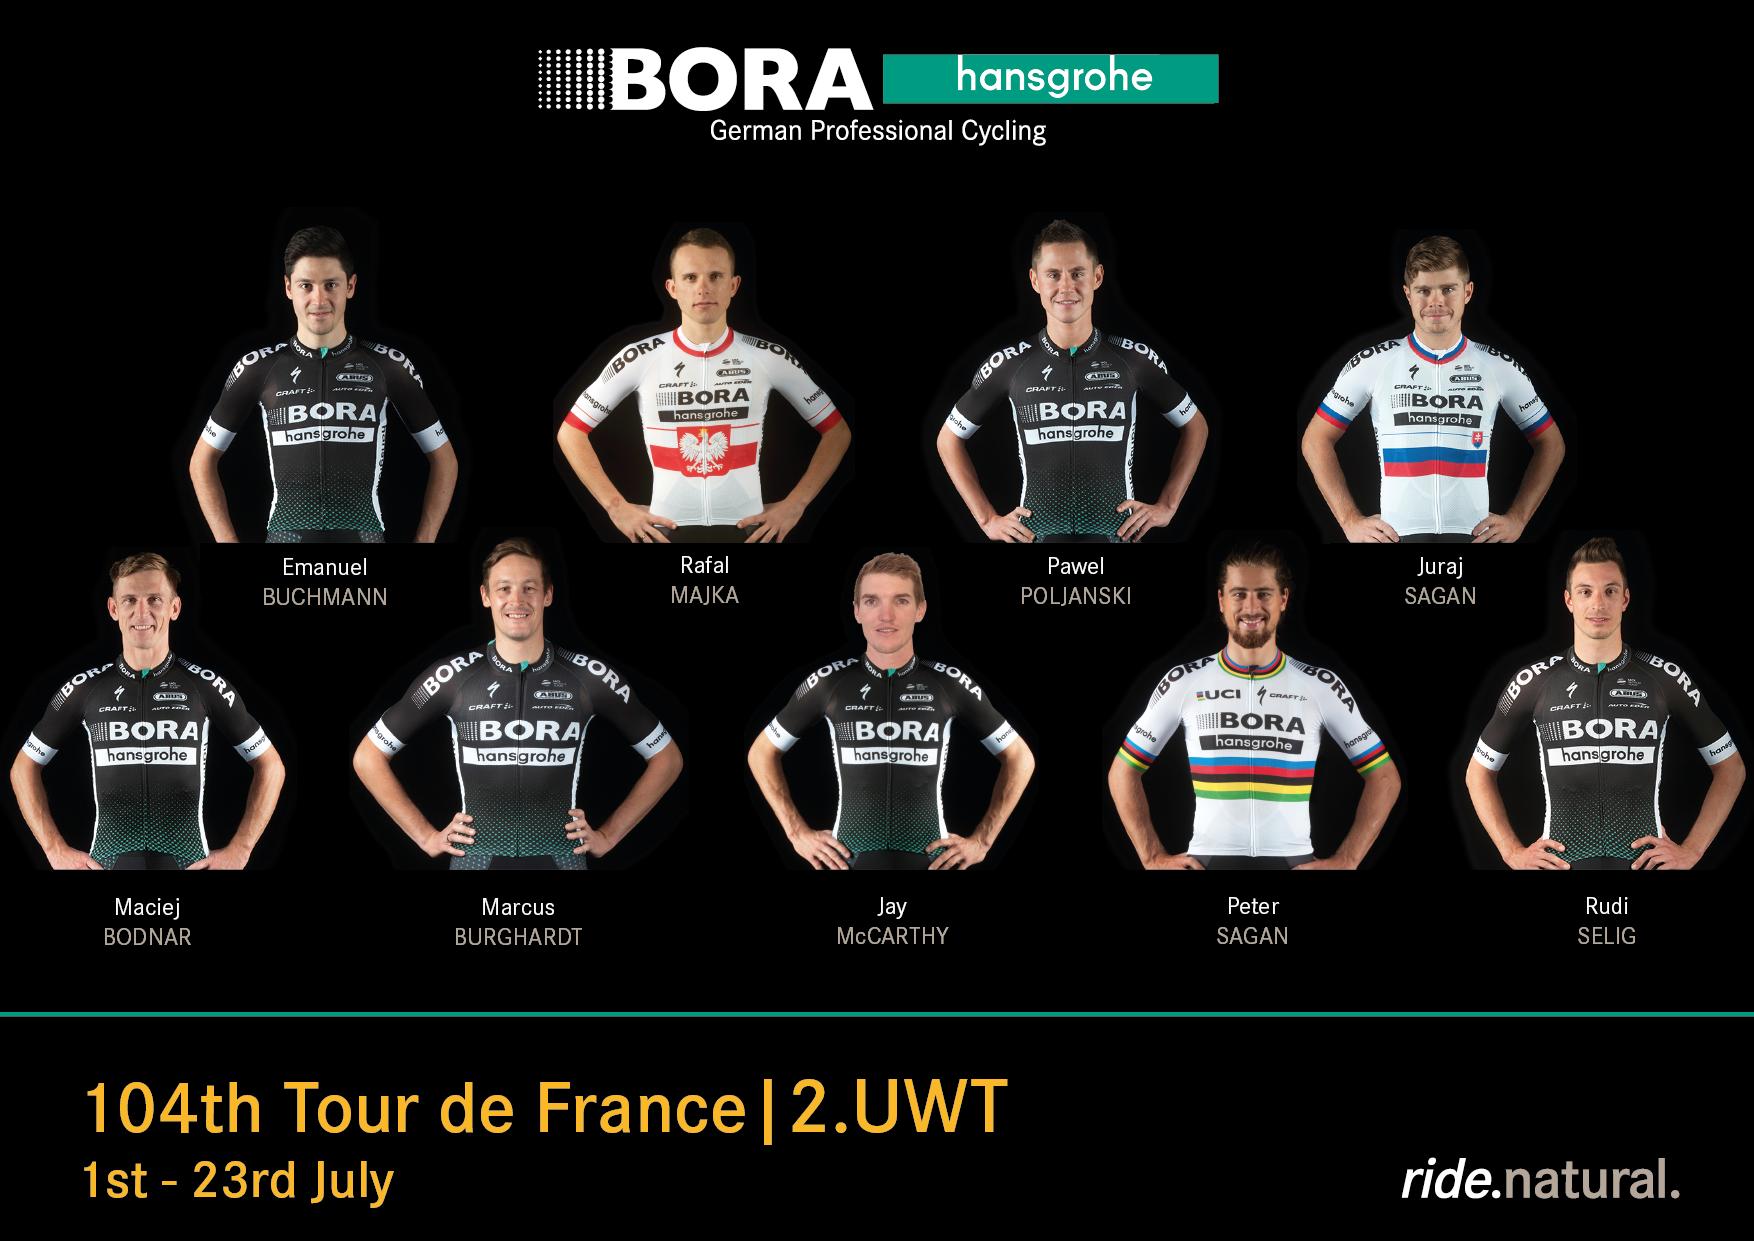 Das finale Aufgebot von Bora-hansgrohe für die 104. Tour de France - Foto: Bora-hansgrohe